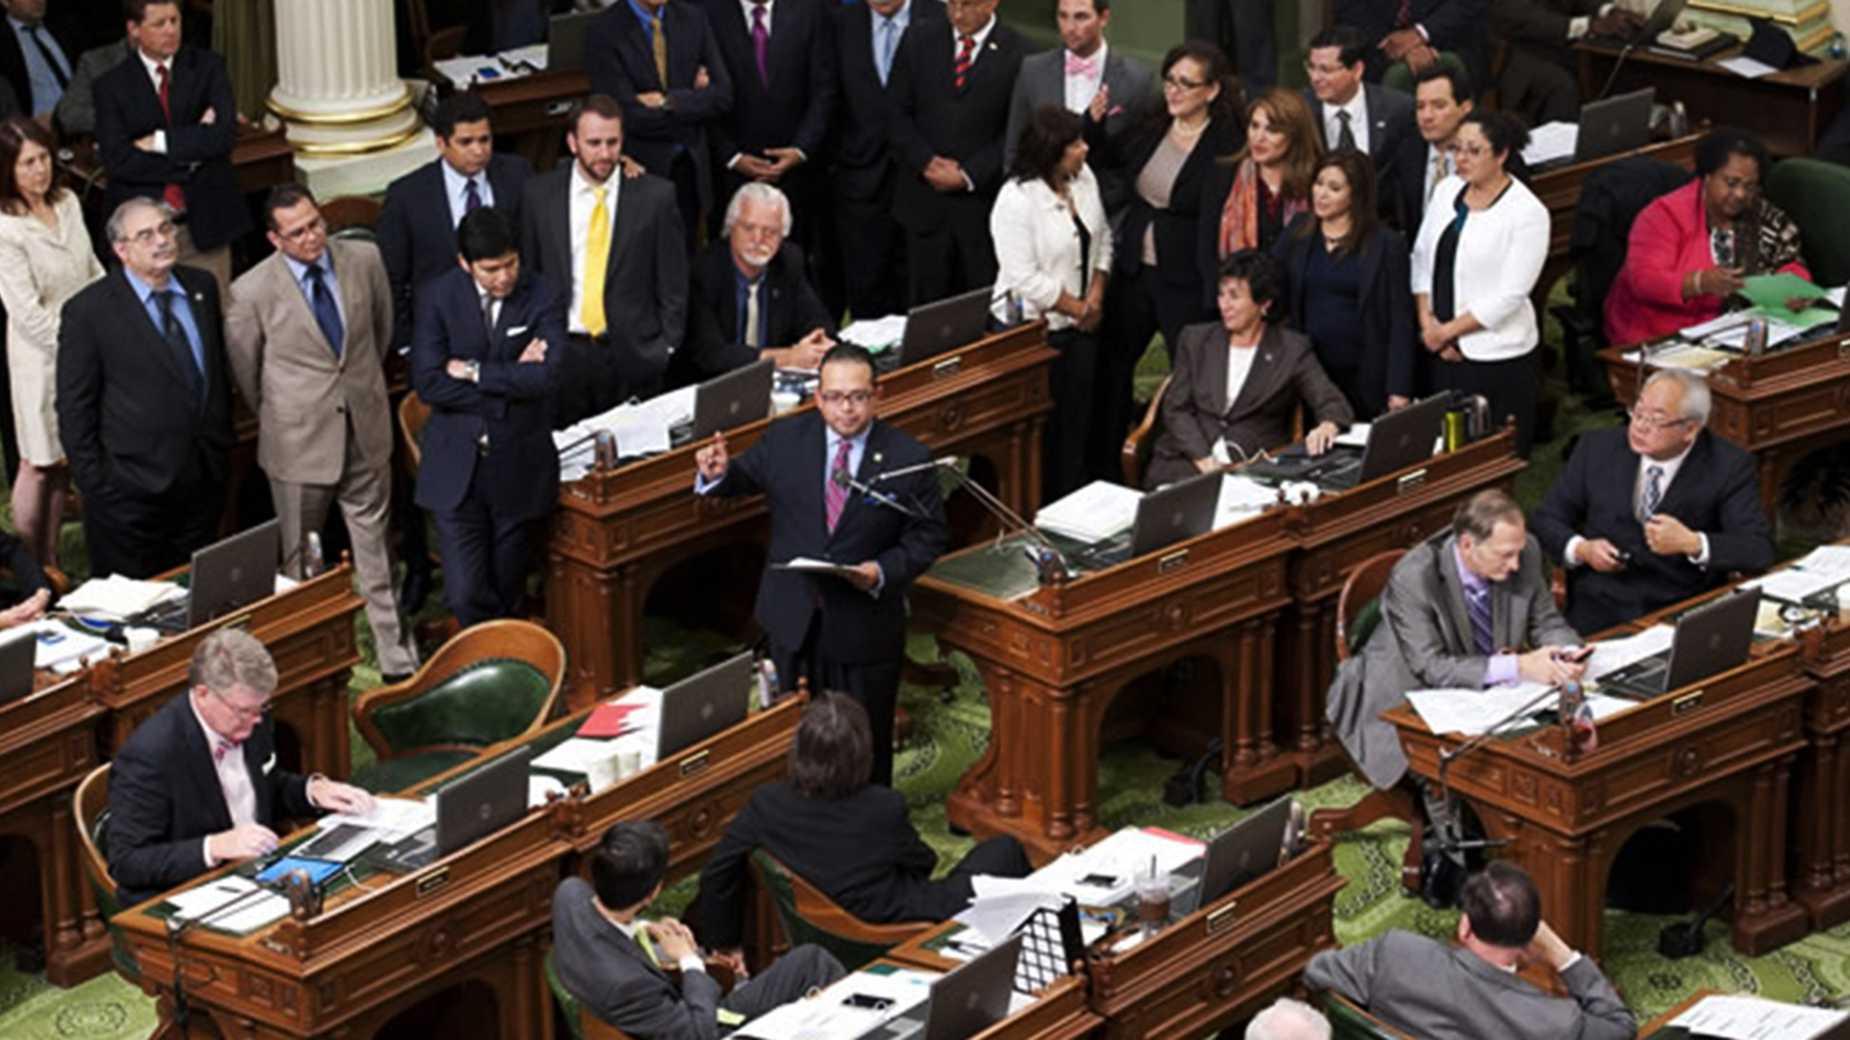 Assemblymember Luis Alejo